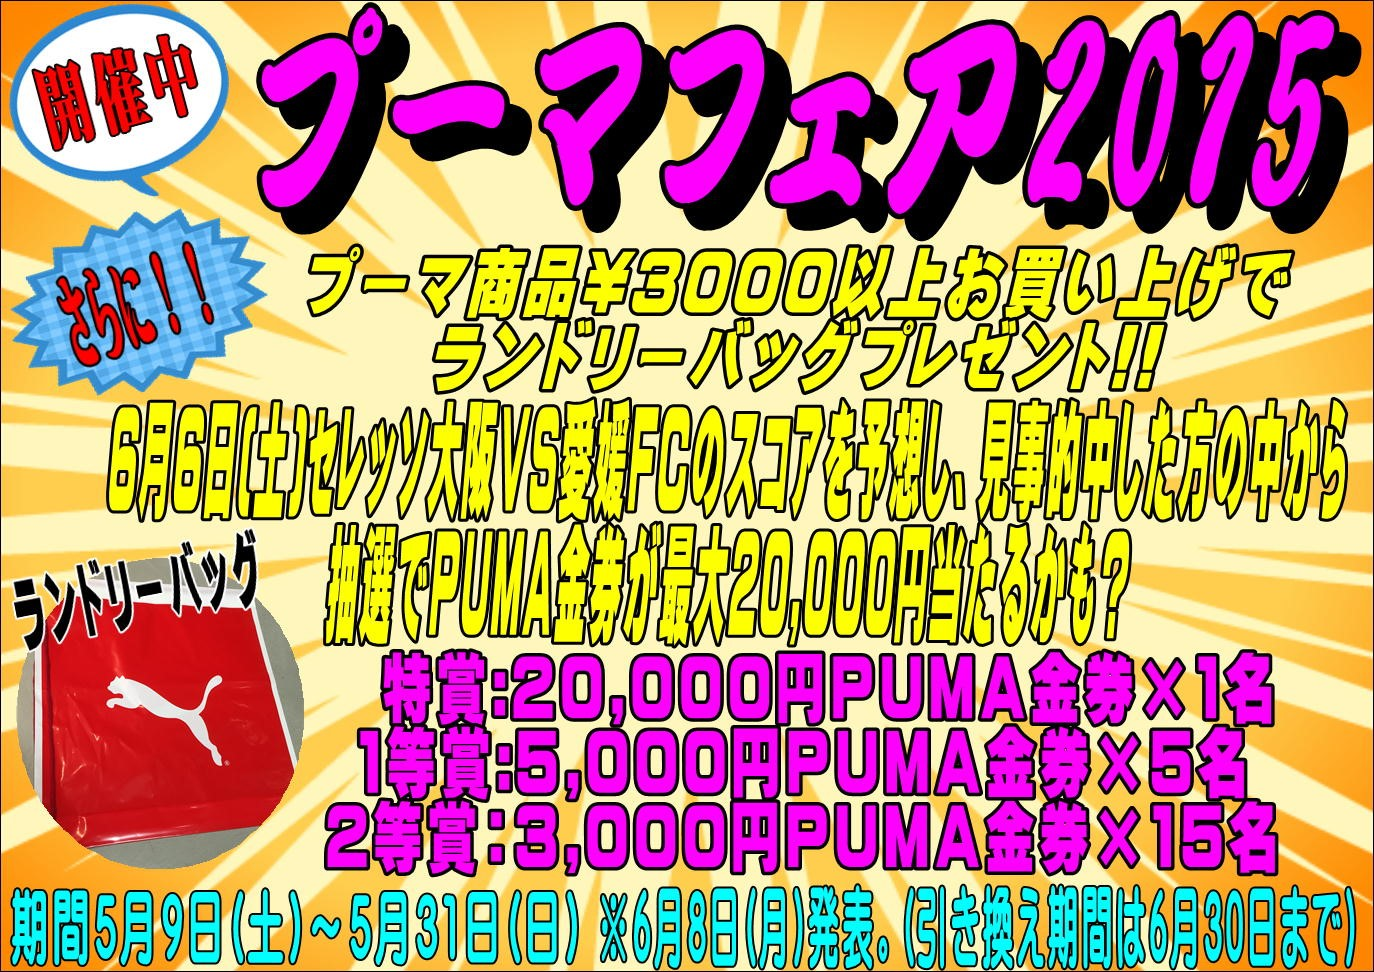 プーマフェア_e0157573_15221666.jpg